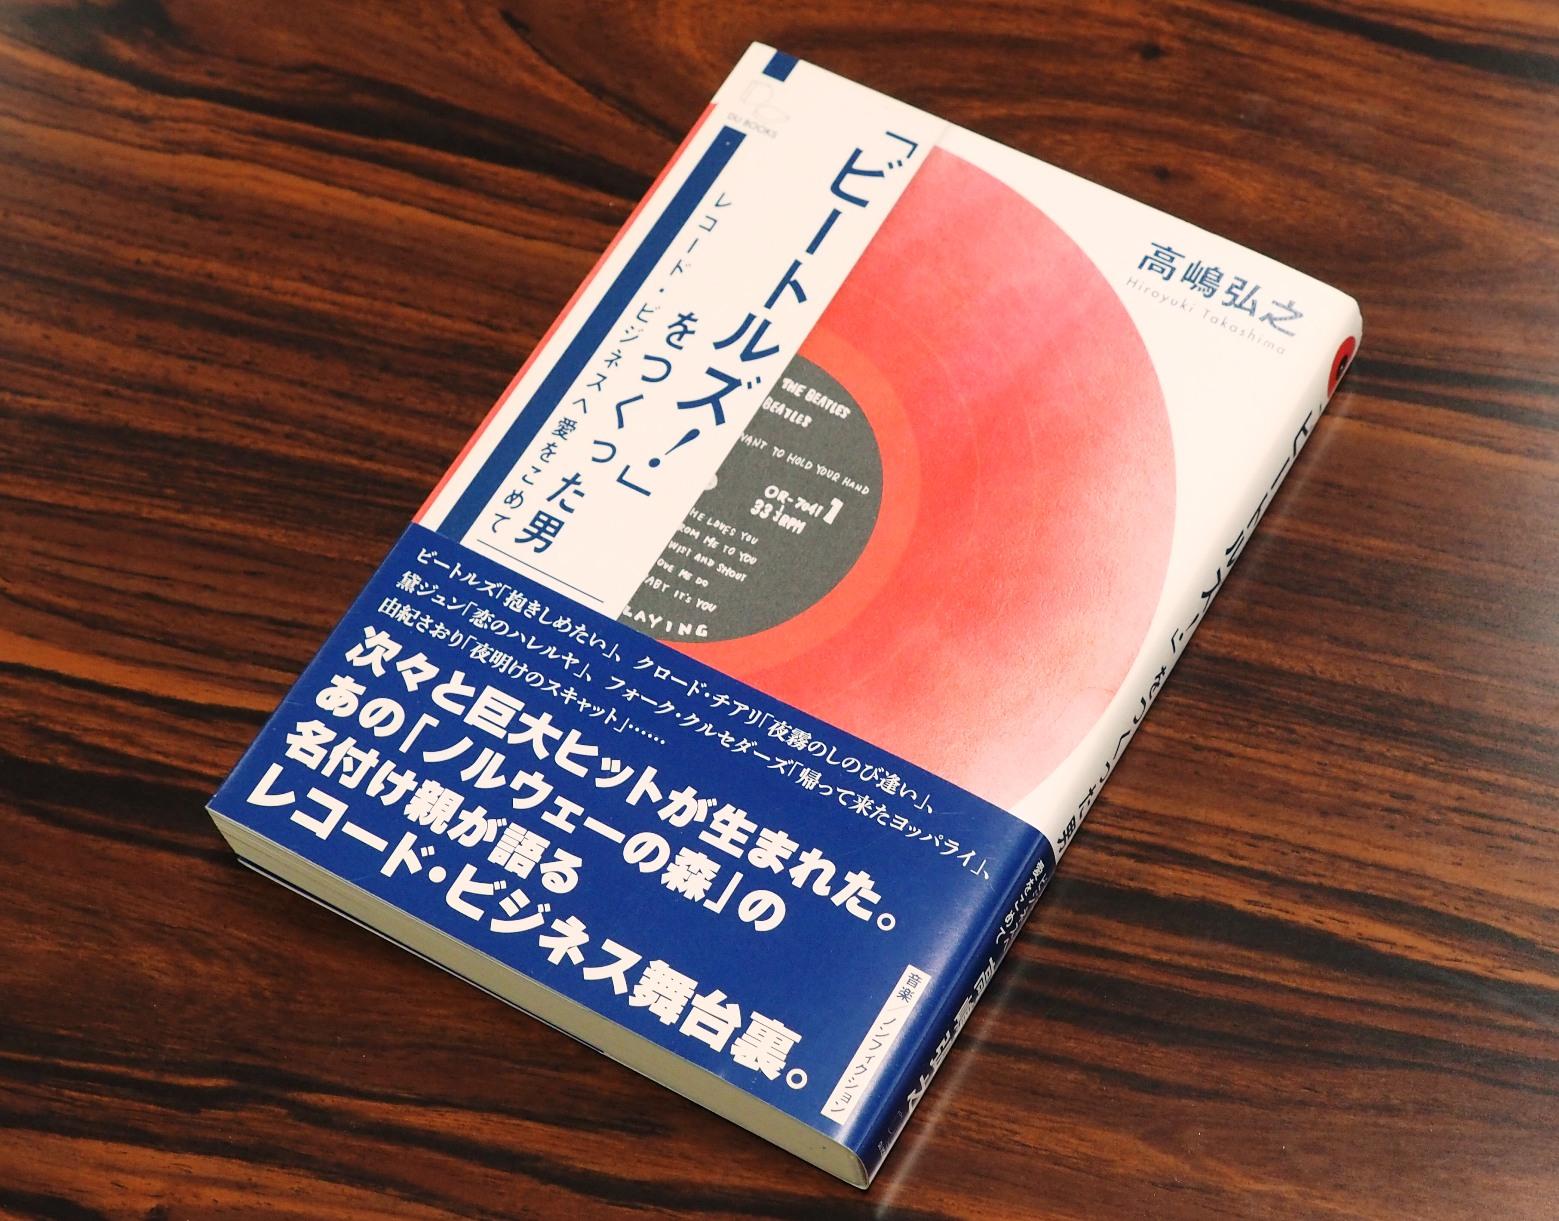 『「ビートルズ!」をつくった男』(高嶋弘之著/DU BOOKS刊)